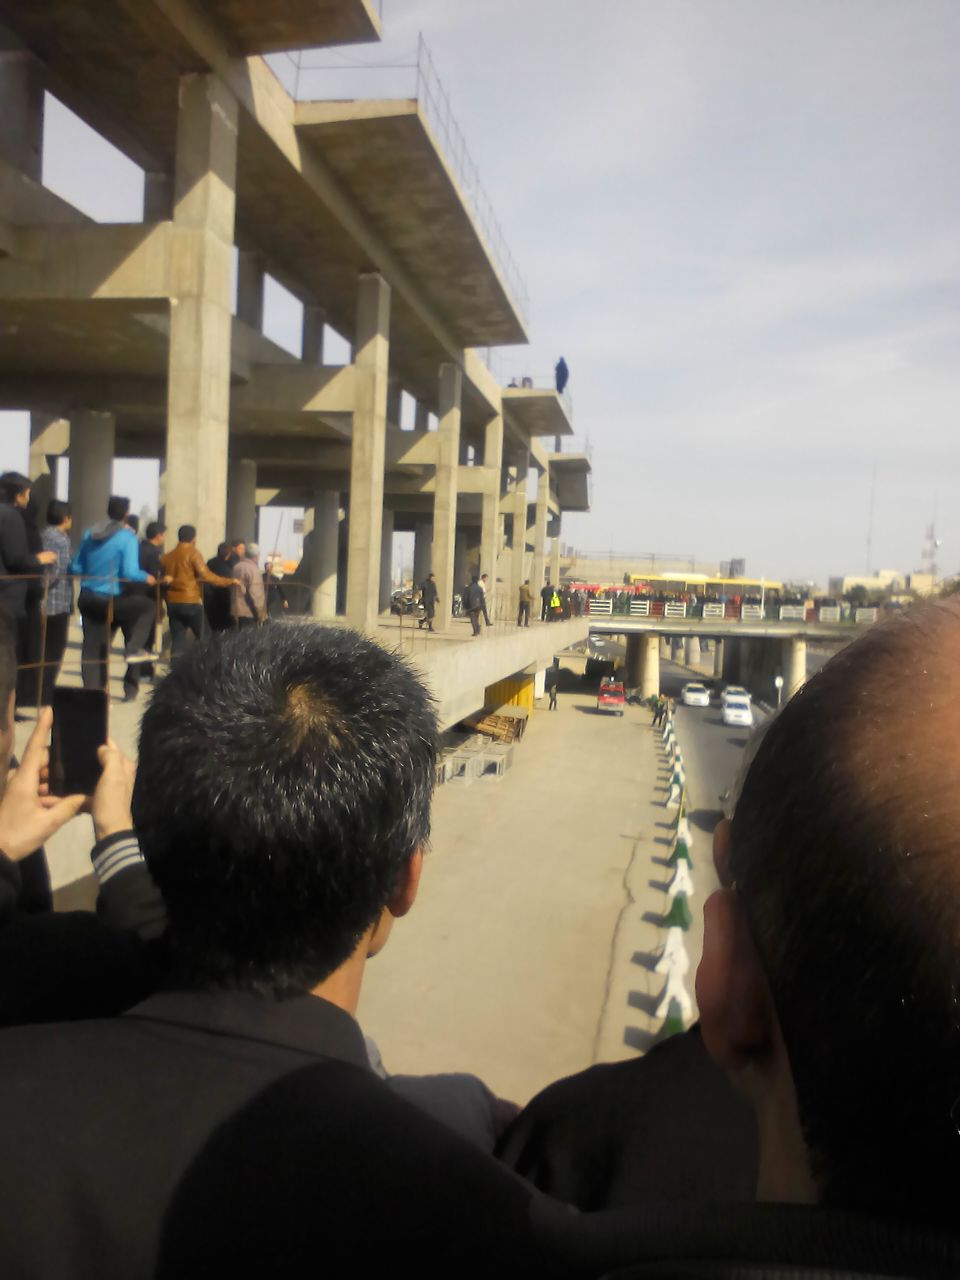 خودکشی دختر پس از شنیدن خبر فوت پاشایی +تصویر